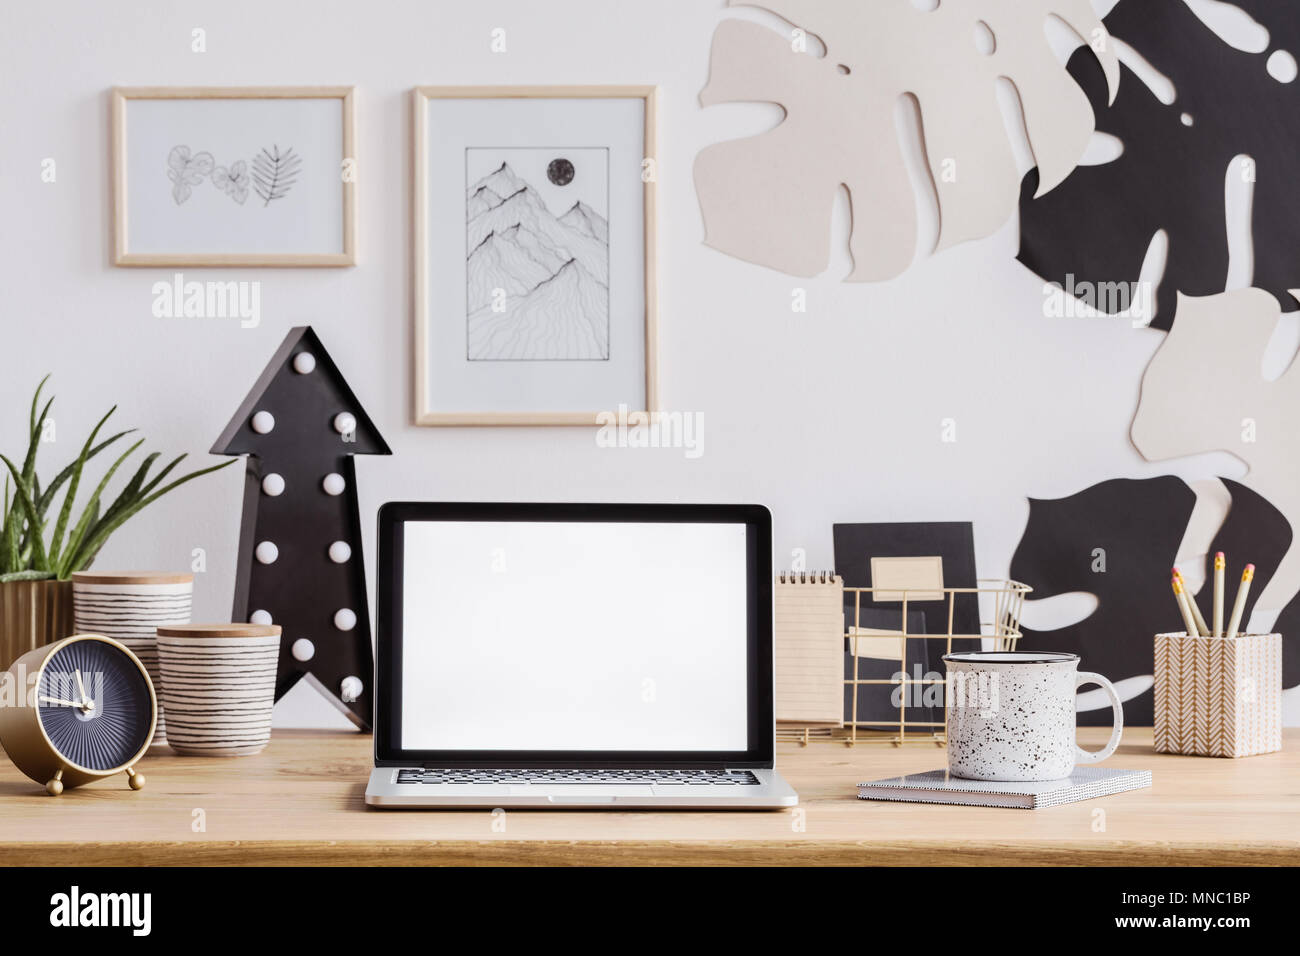 Portátil con pantalla blanca sobre un mostrador de madera con reloj, taza y lápices así como decoraciones de pared Foto de stock